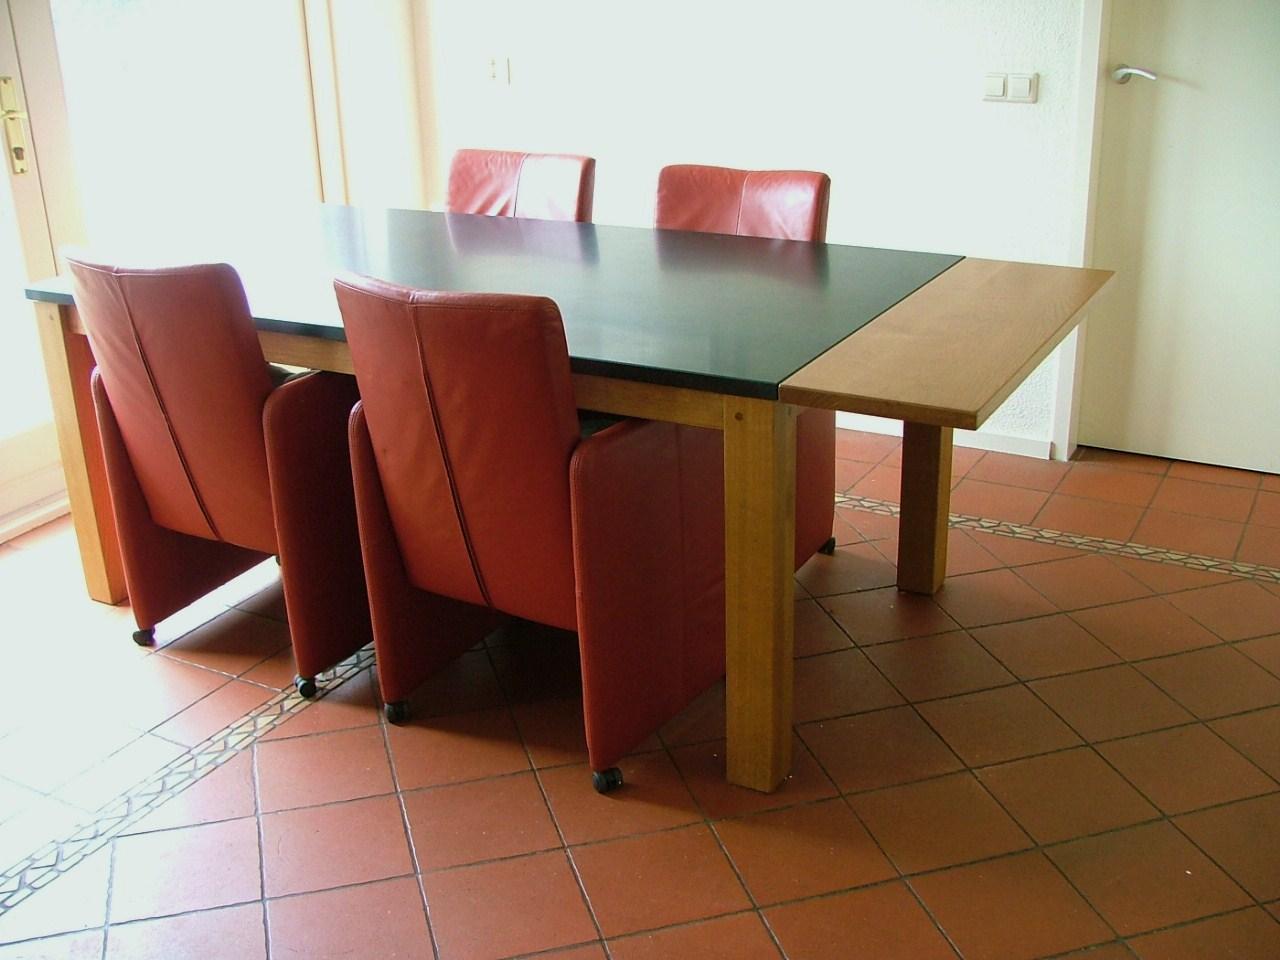 Eetkamertafel met granieten blad voorzien van extra opklapbare ruimte